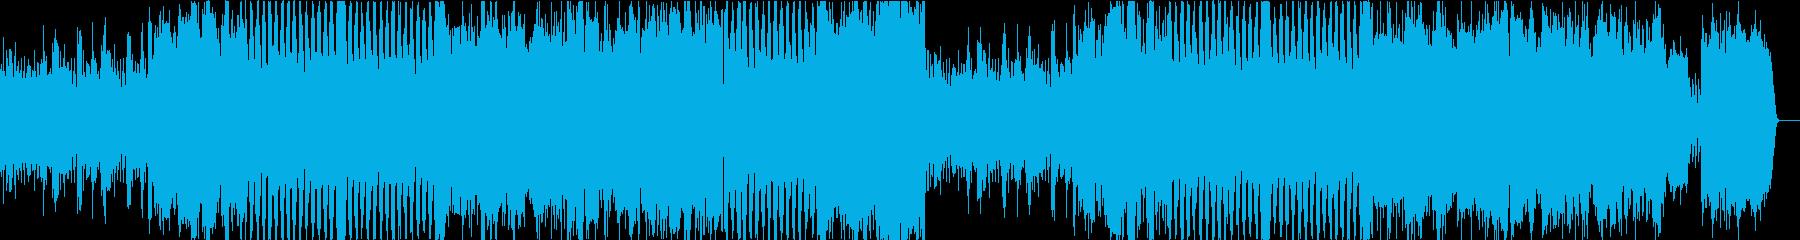 ストリングスとピアノによる戦闘曲の再生済みの波形